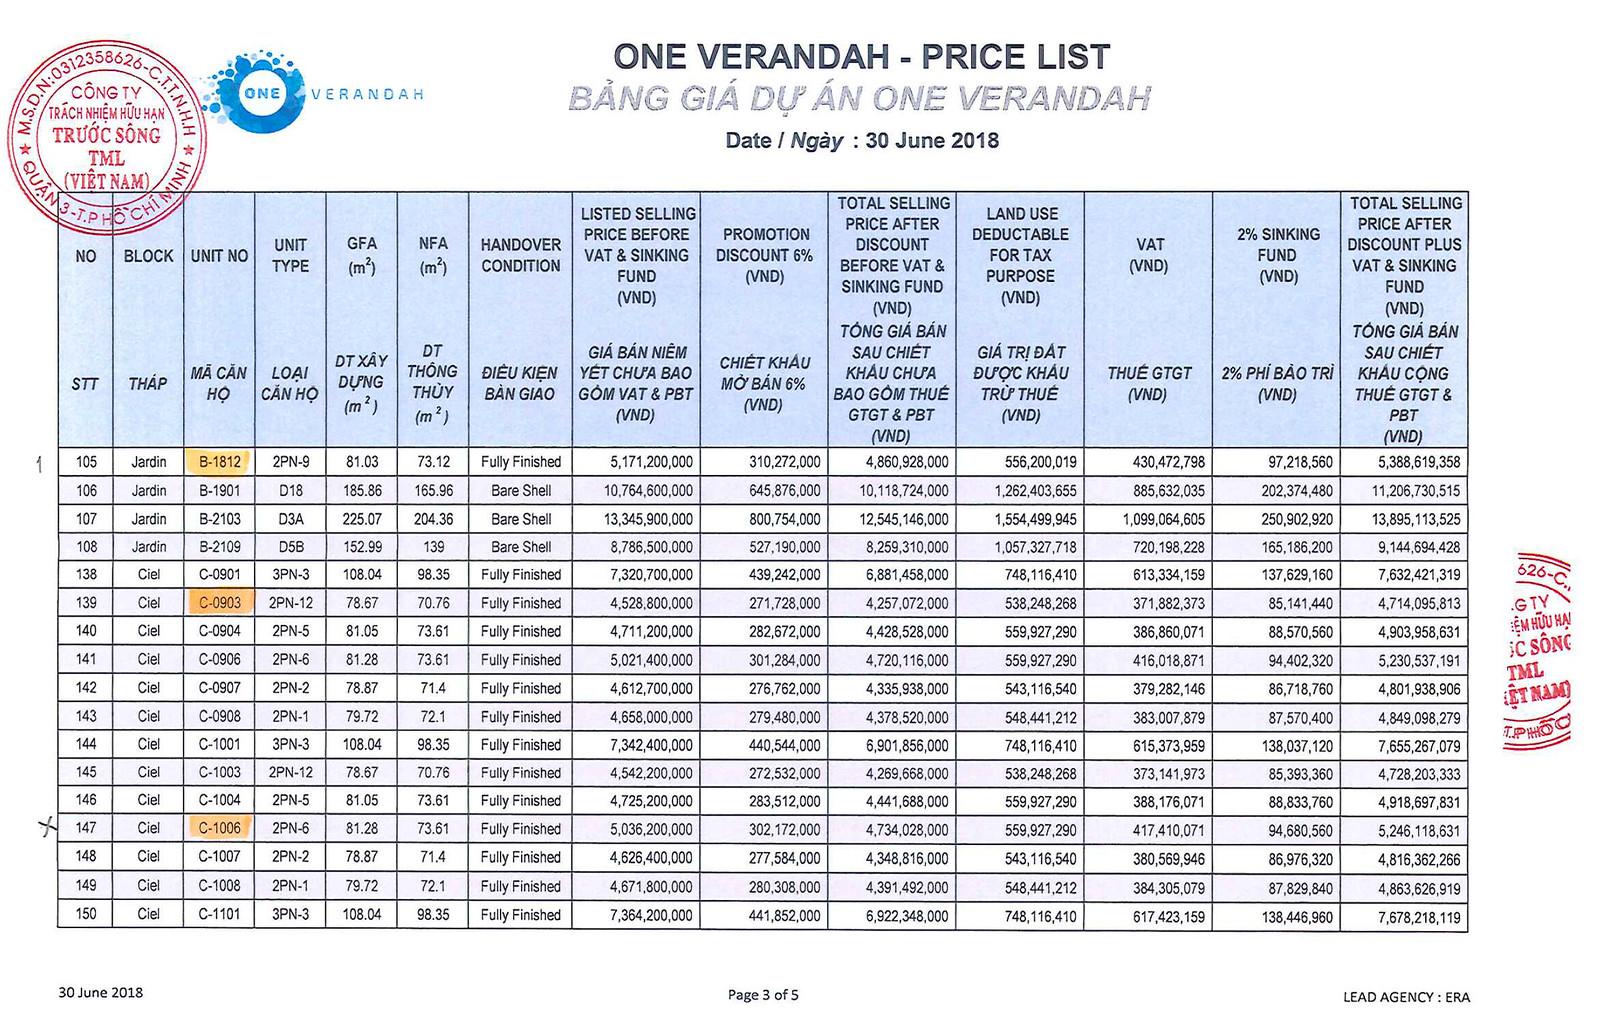 Bảng giá căn hộ One Verandah mở bán đợt 1 ngày 30-06-2018